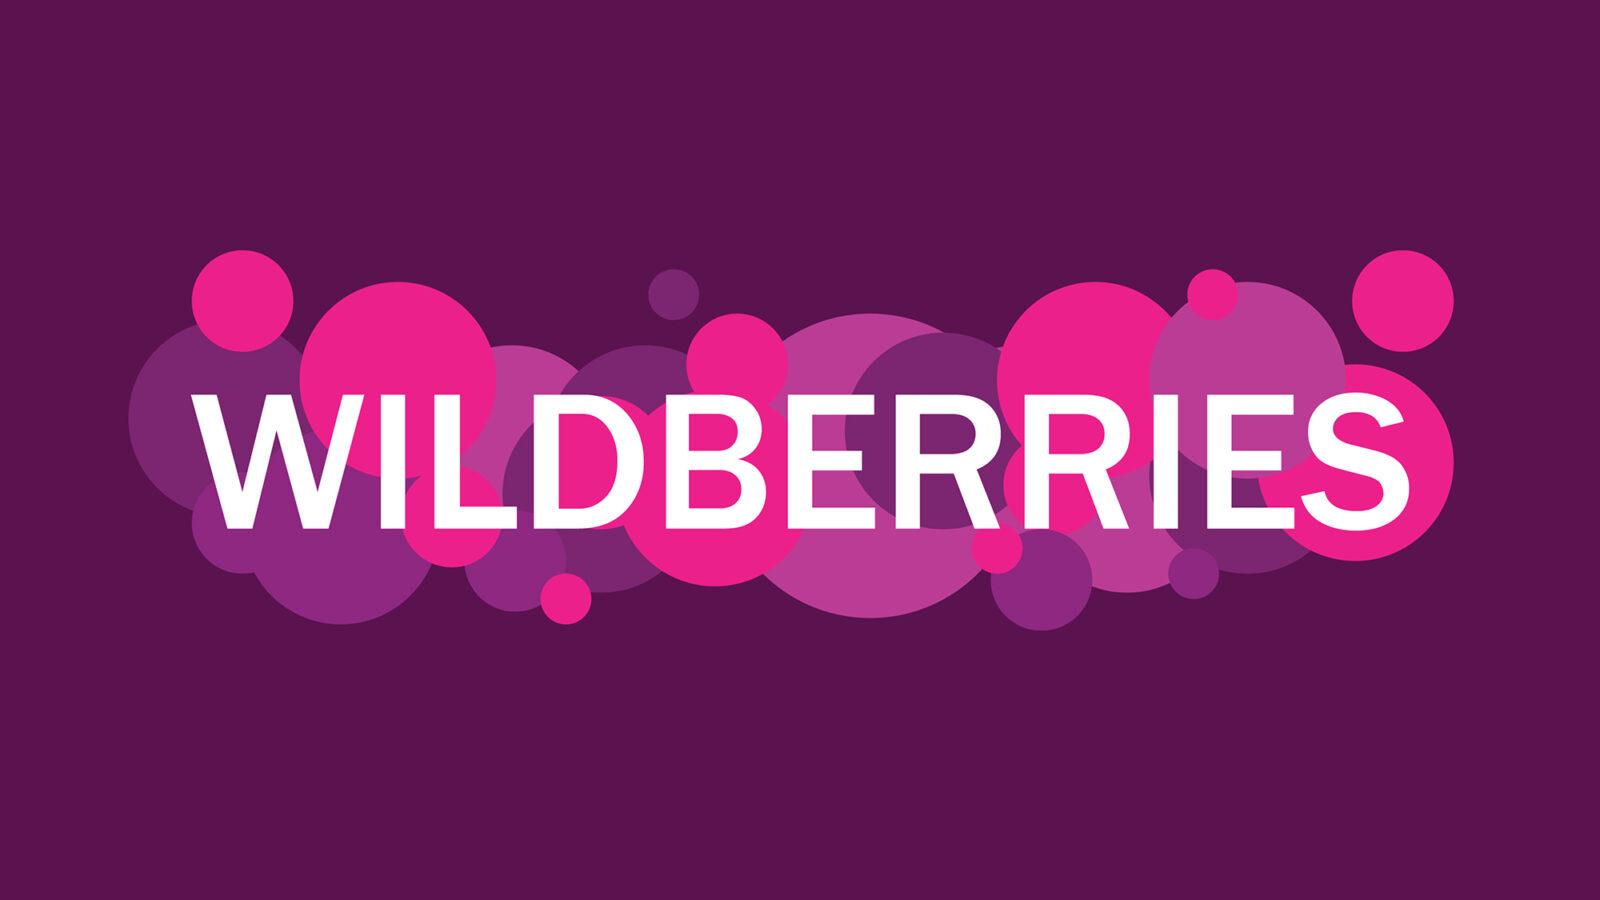 Как начать торговать на wildberries?